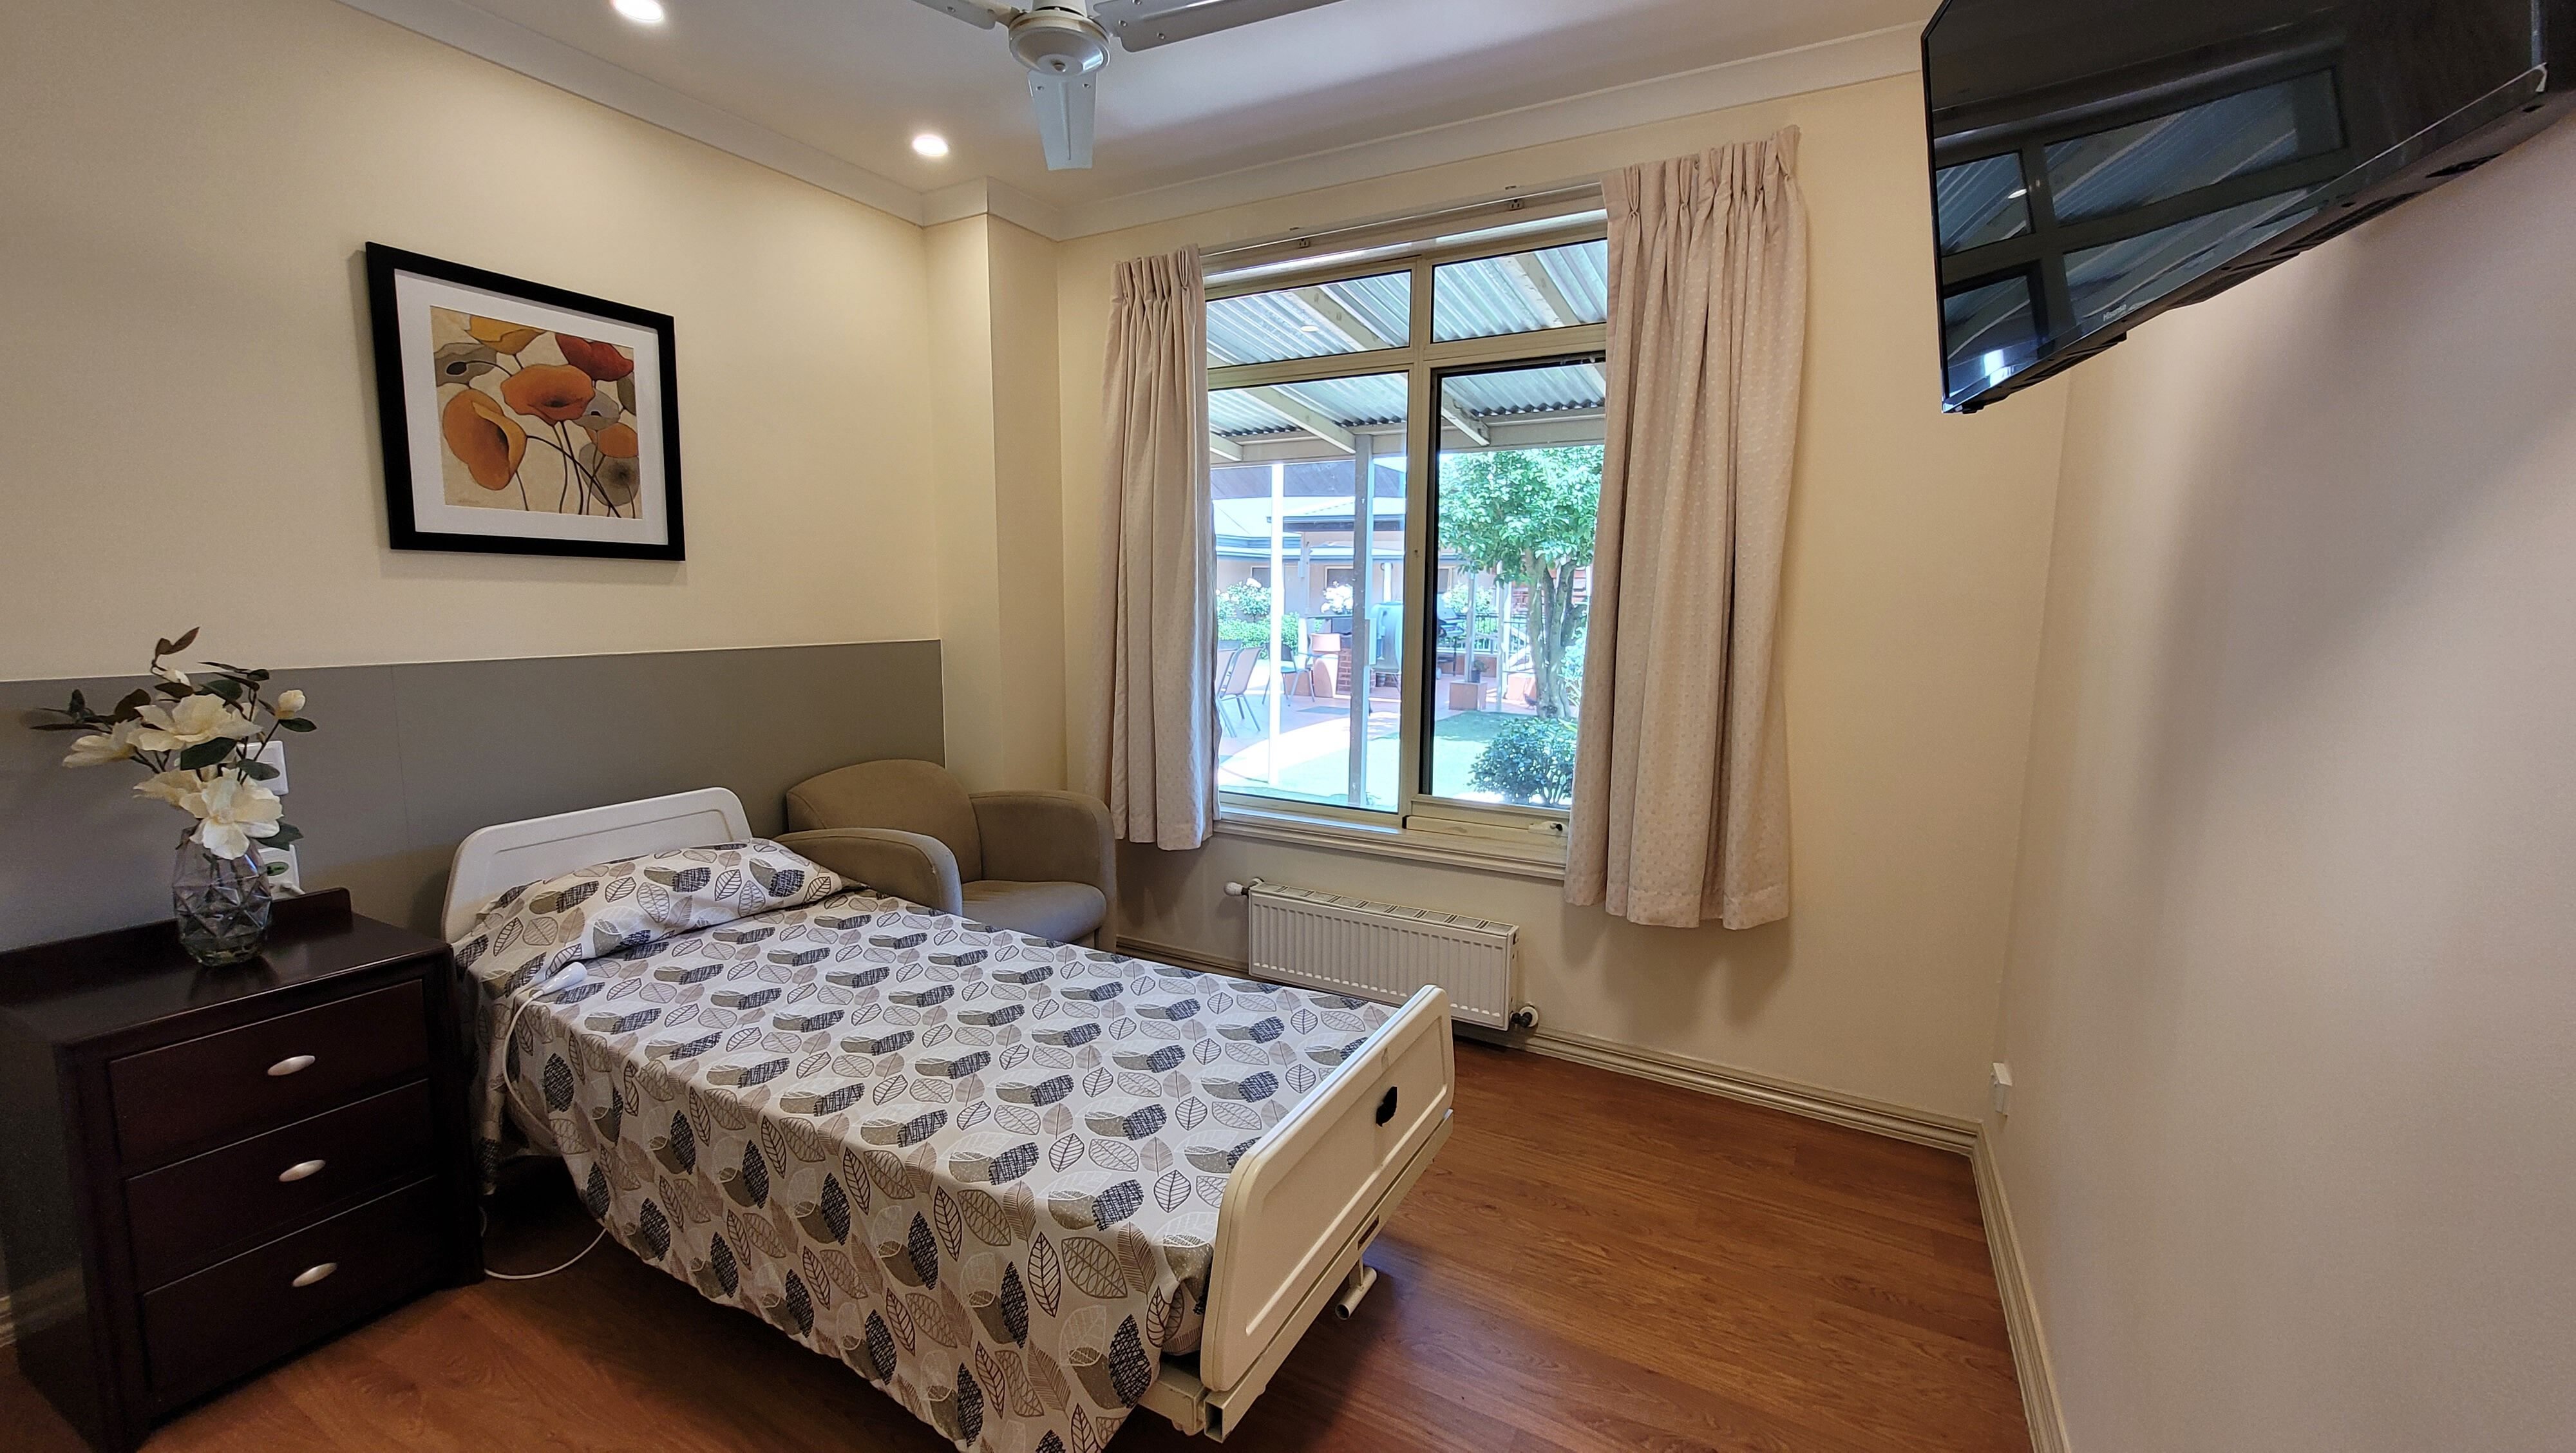 Anzac Lodge Nursing Home, Coburg North VIC 3058 - Bedroom Example 2